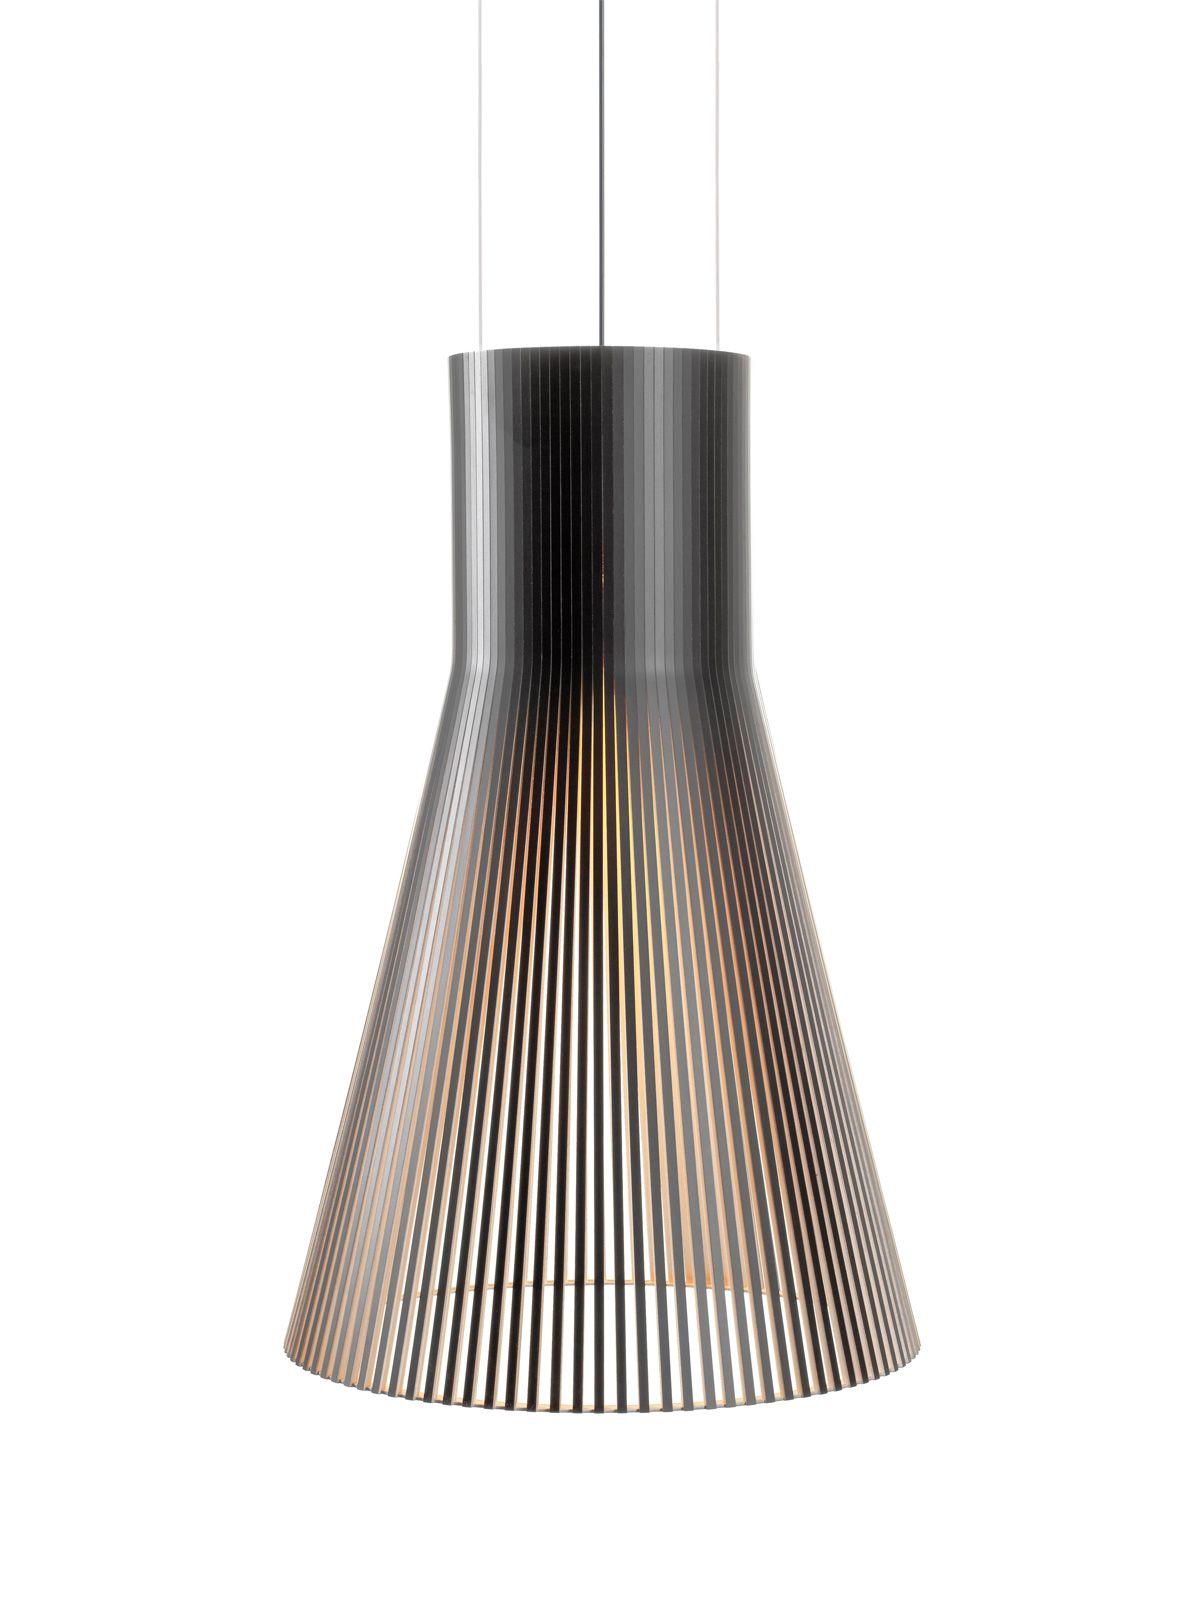 Magnum 4202 Secto Lampen Aus Naturmaterialien Natural Materials